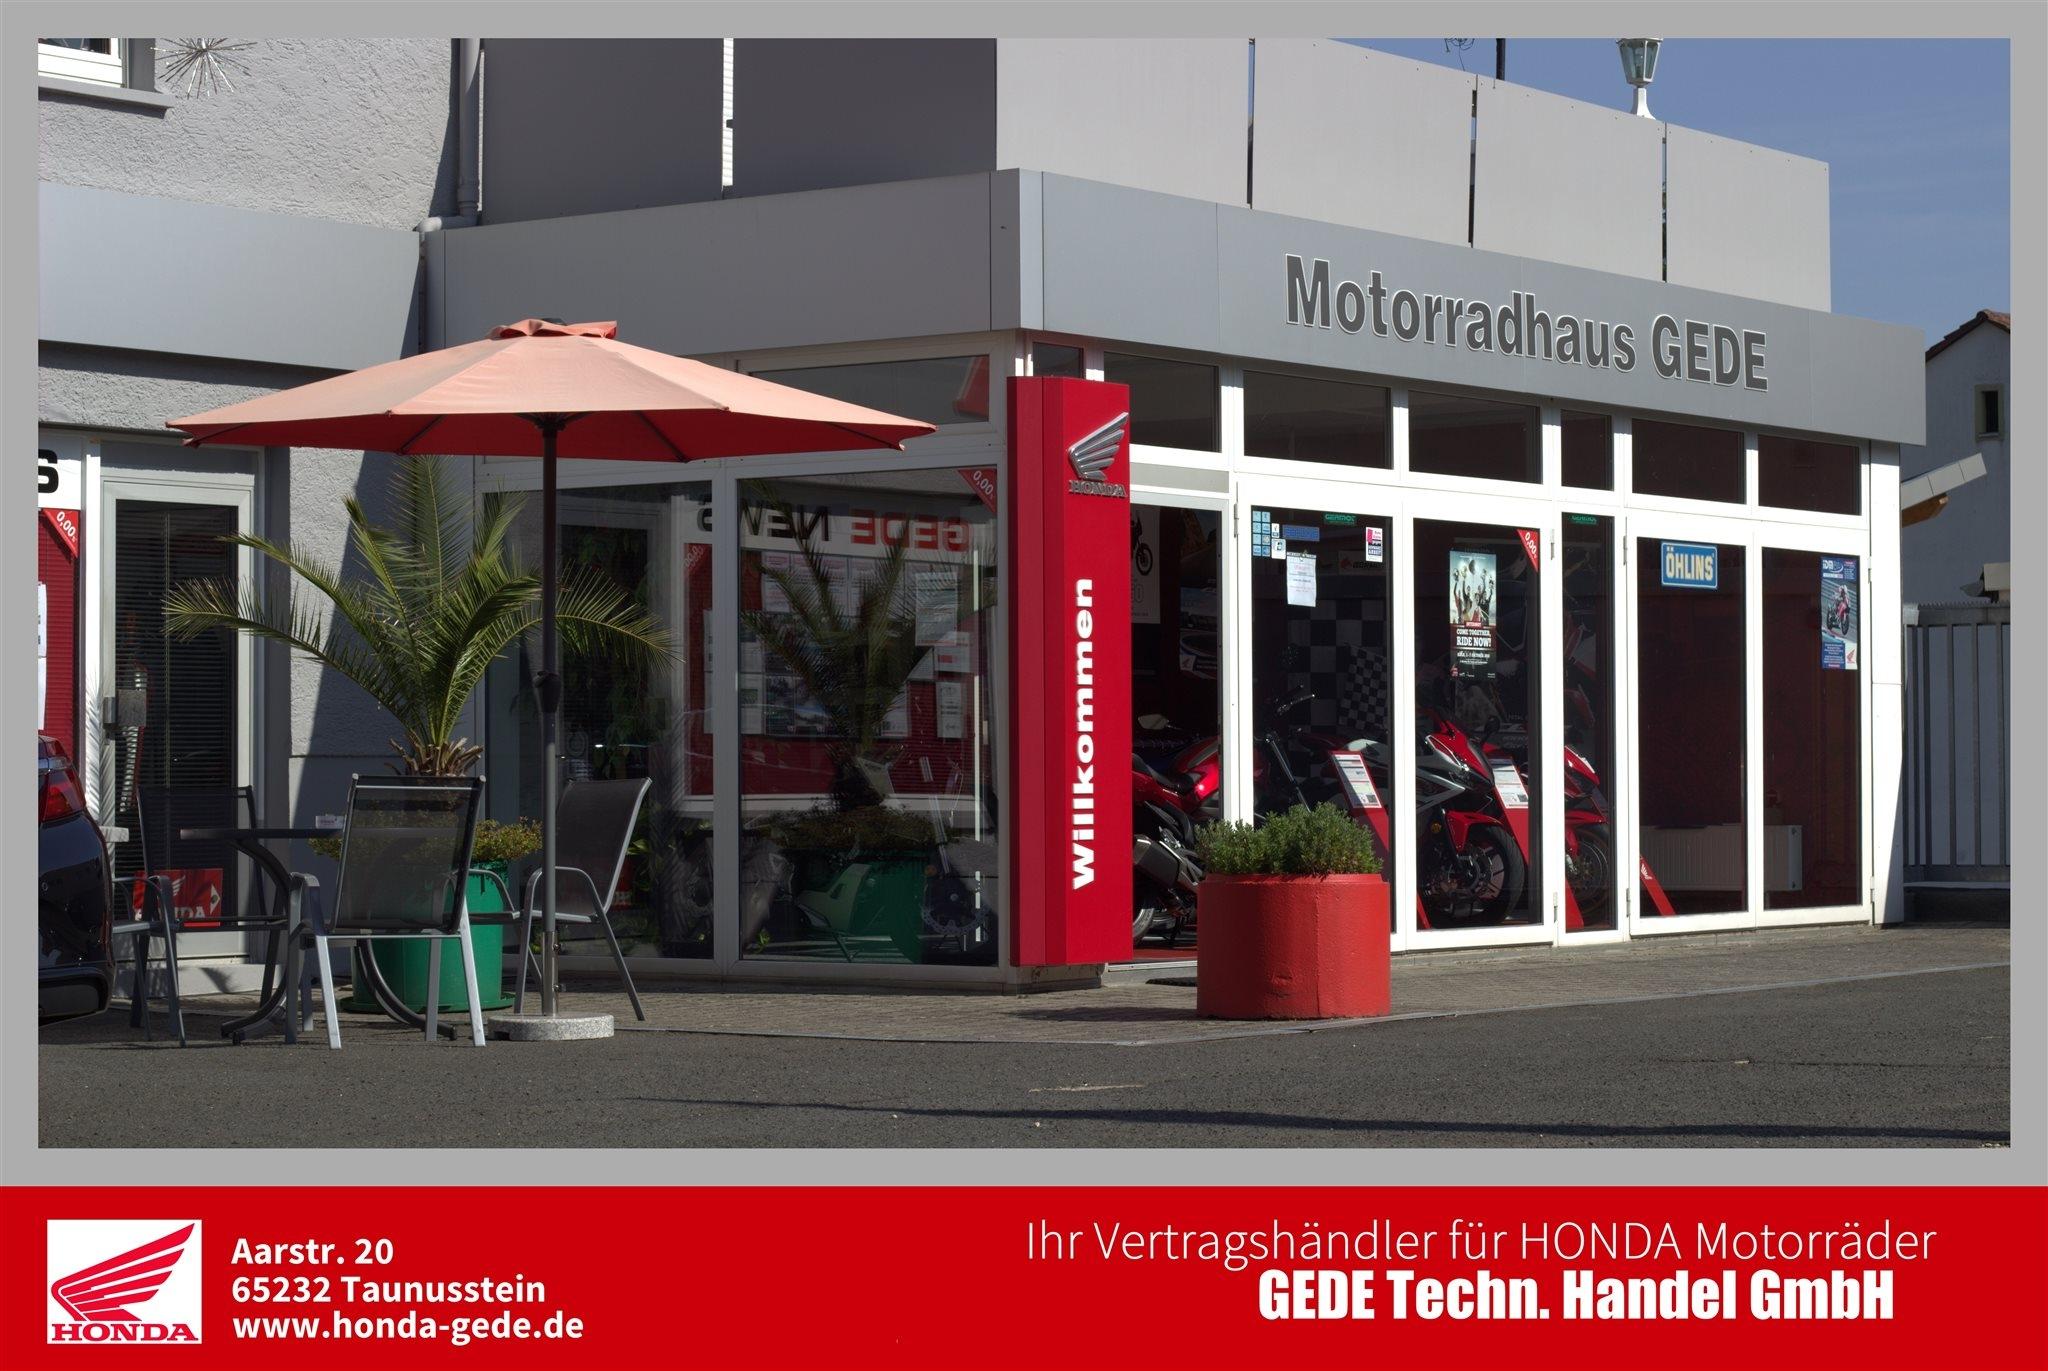 Unternehmensbilder Motorradhaus GEDE Techn.Handel GmbH 10